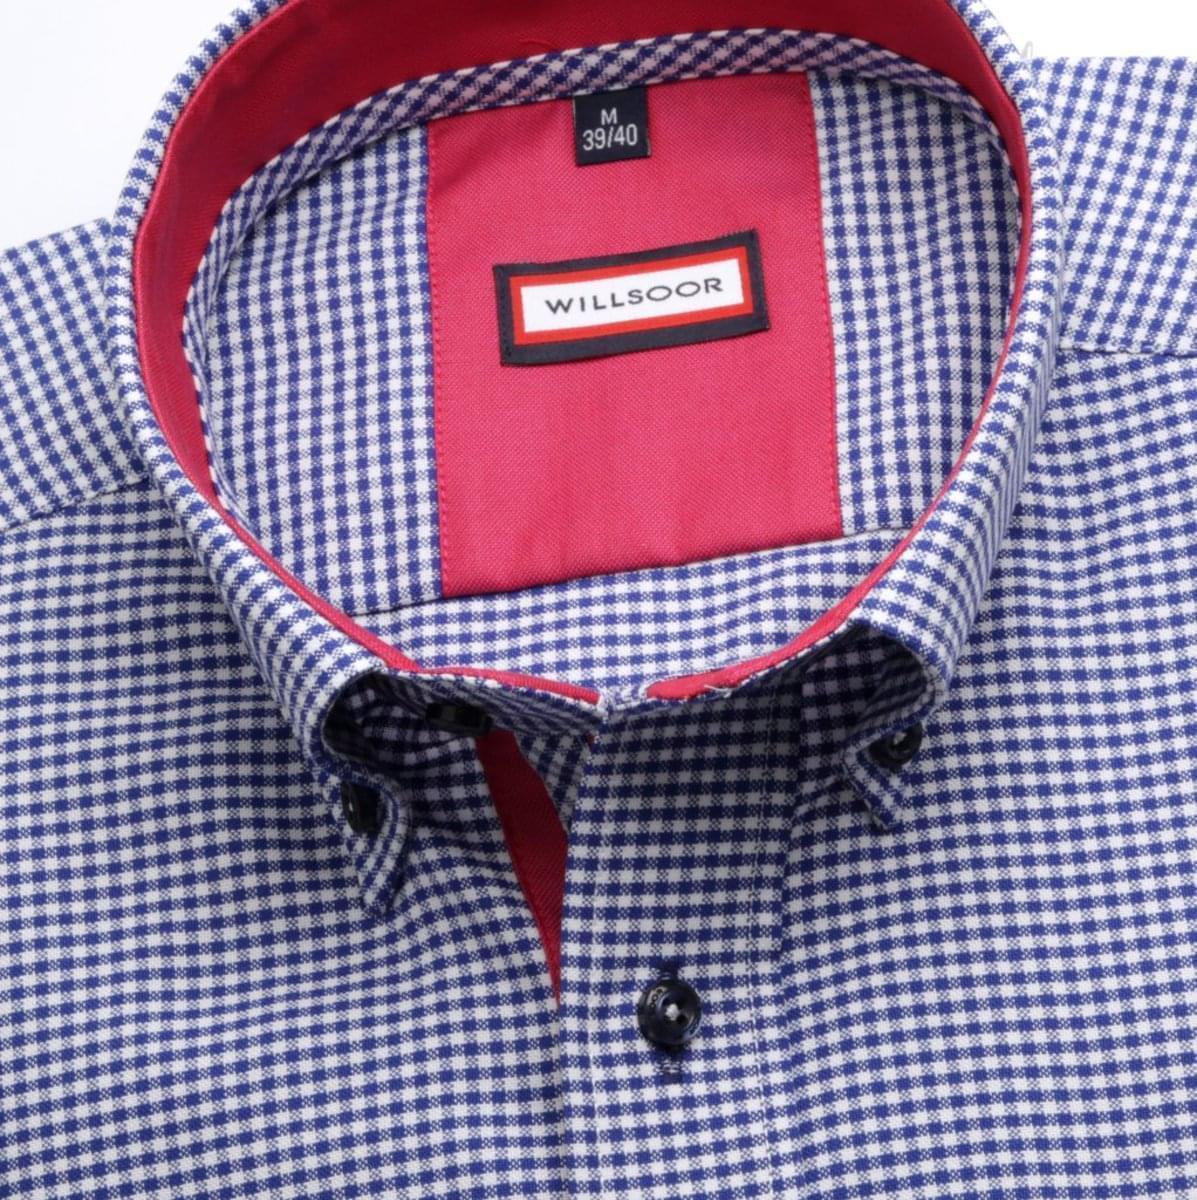 Pánska slim fit košeľa (výška 188-194) 6919 s kockou a golierikom na gombíky 188-194 / L (41/42)